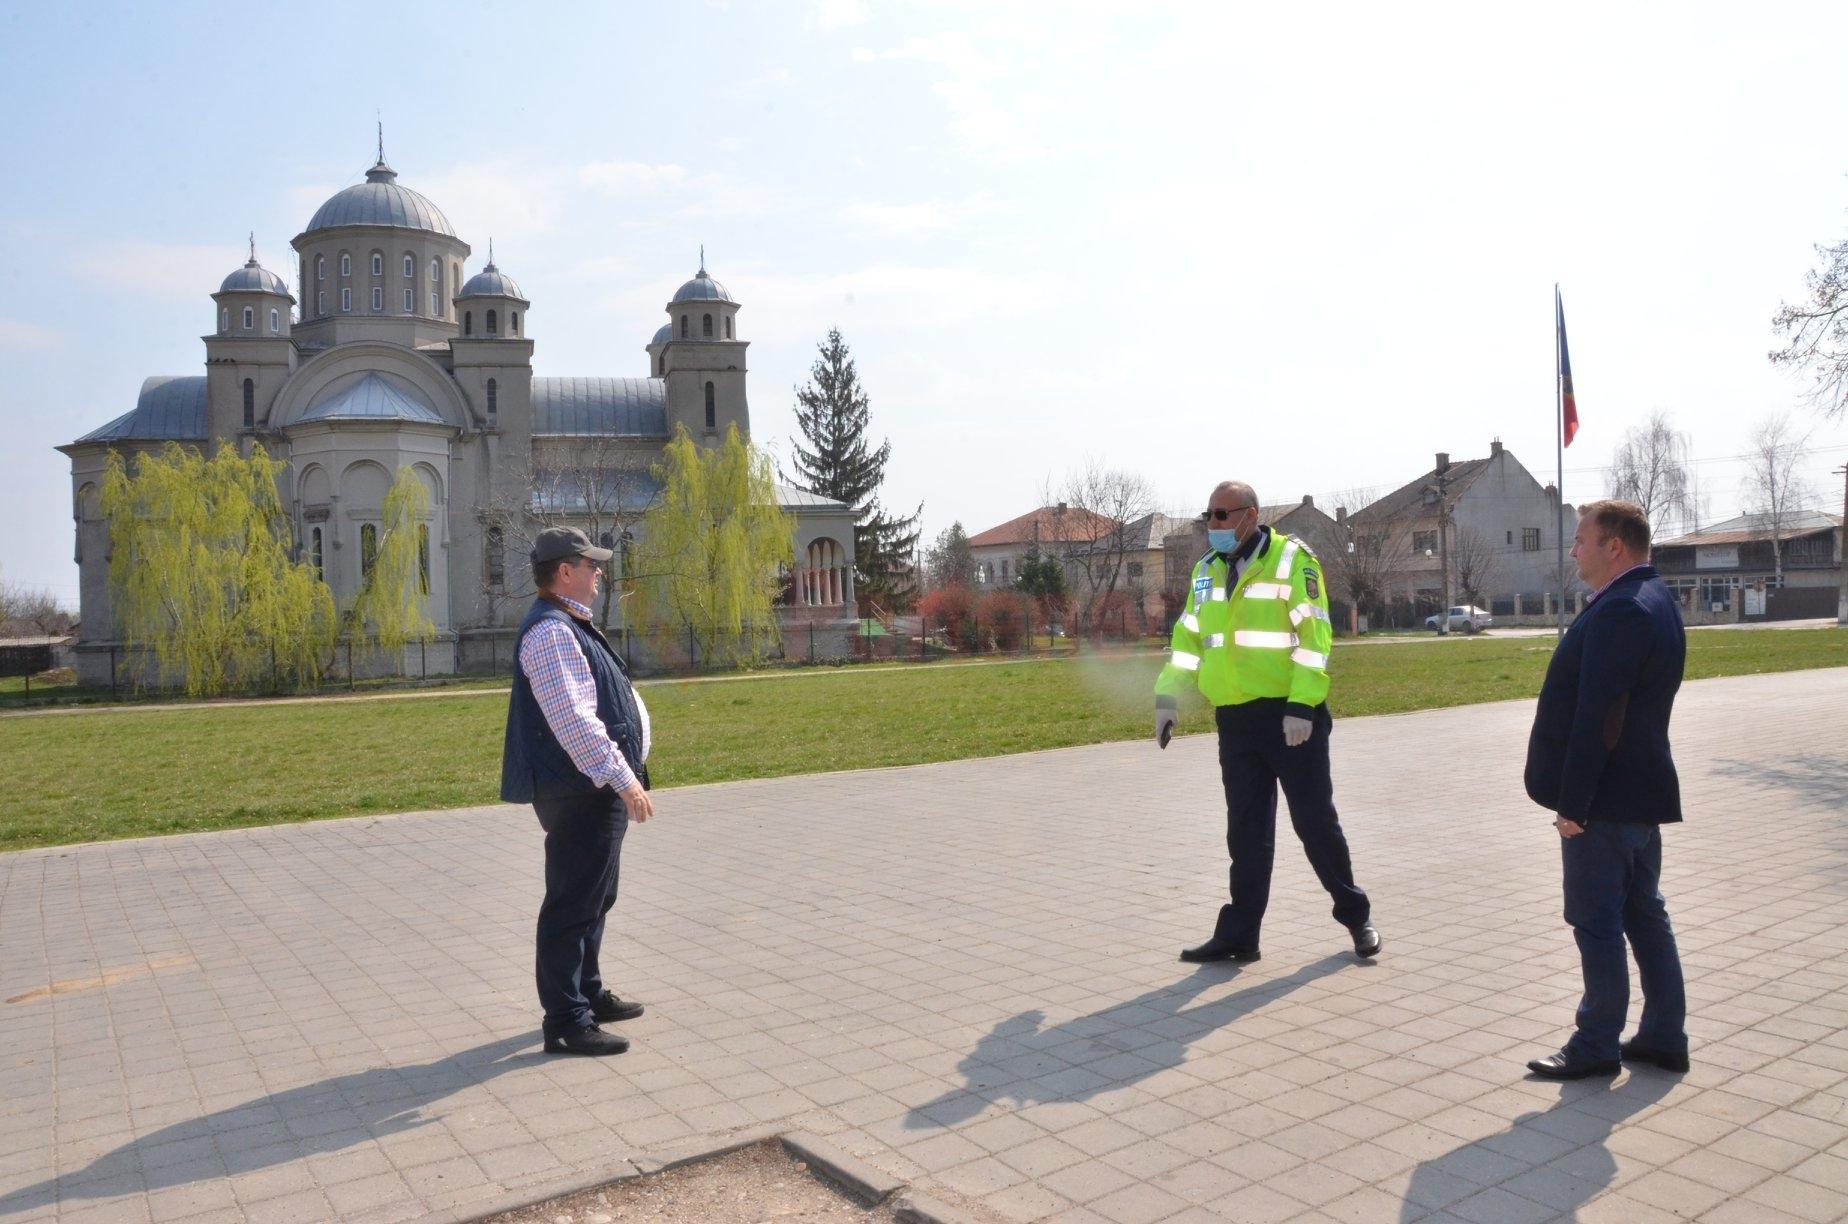 Doar prin măsuri aspre de limitare putem limita răspândirea COVID19. Sunt  acţiuni cu impact asupra vieții de zi cu zi a cetățenilor și a economiei dar  trebuie  să stopăm acest virus   foarte periculos. Aceste măsuri sunt mai importante ca niciodată la fiecărei  comunităţi din România.